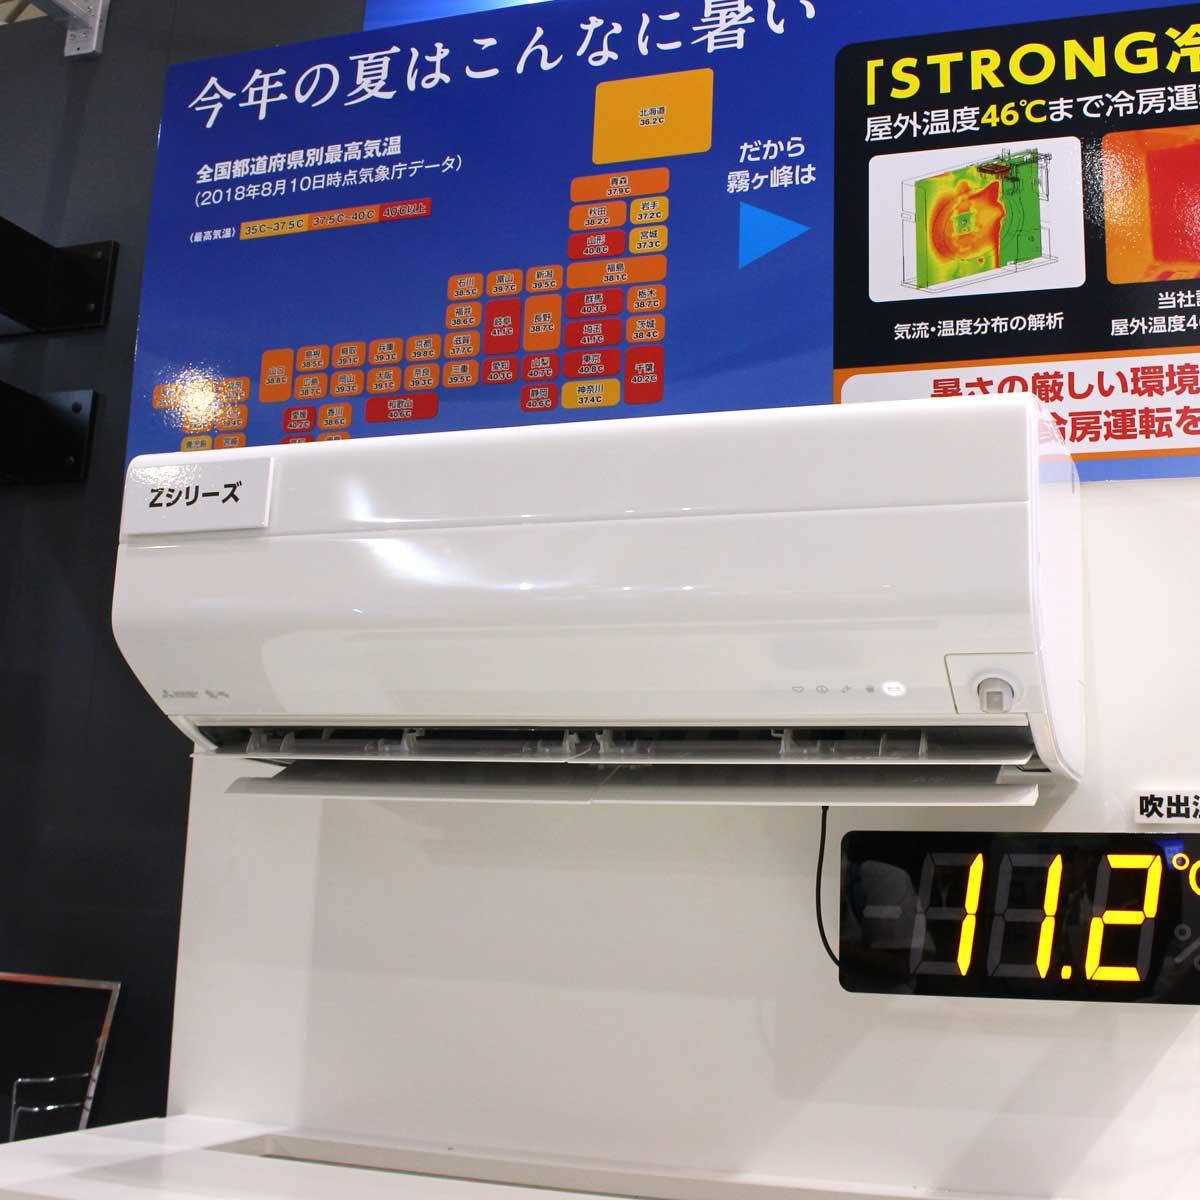 冷房・除湿・送風を自動で切り替え! 三菱電機のAIエアコン「霧ヶ峰」2019年度モデル